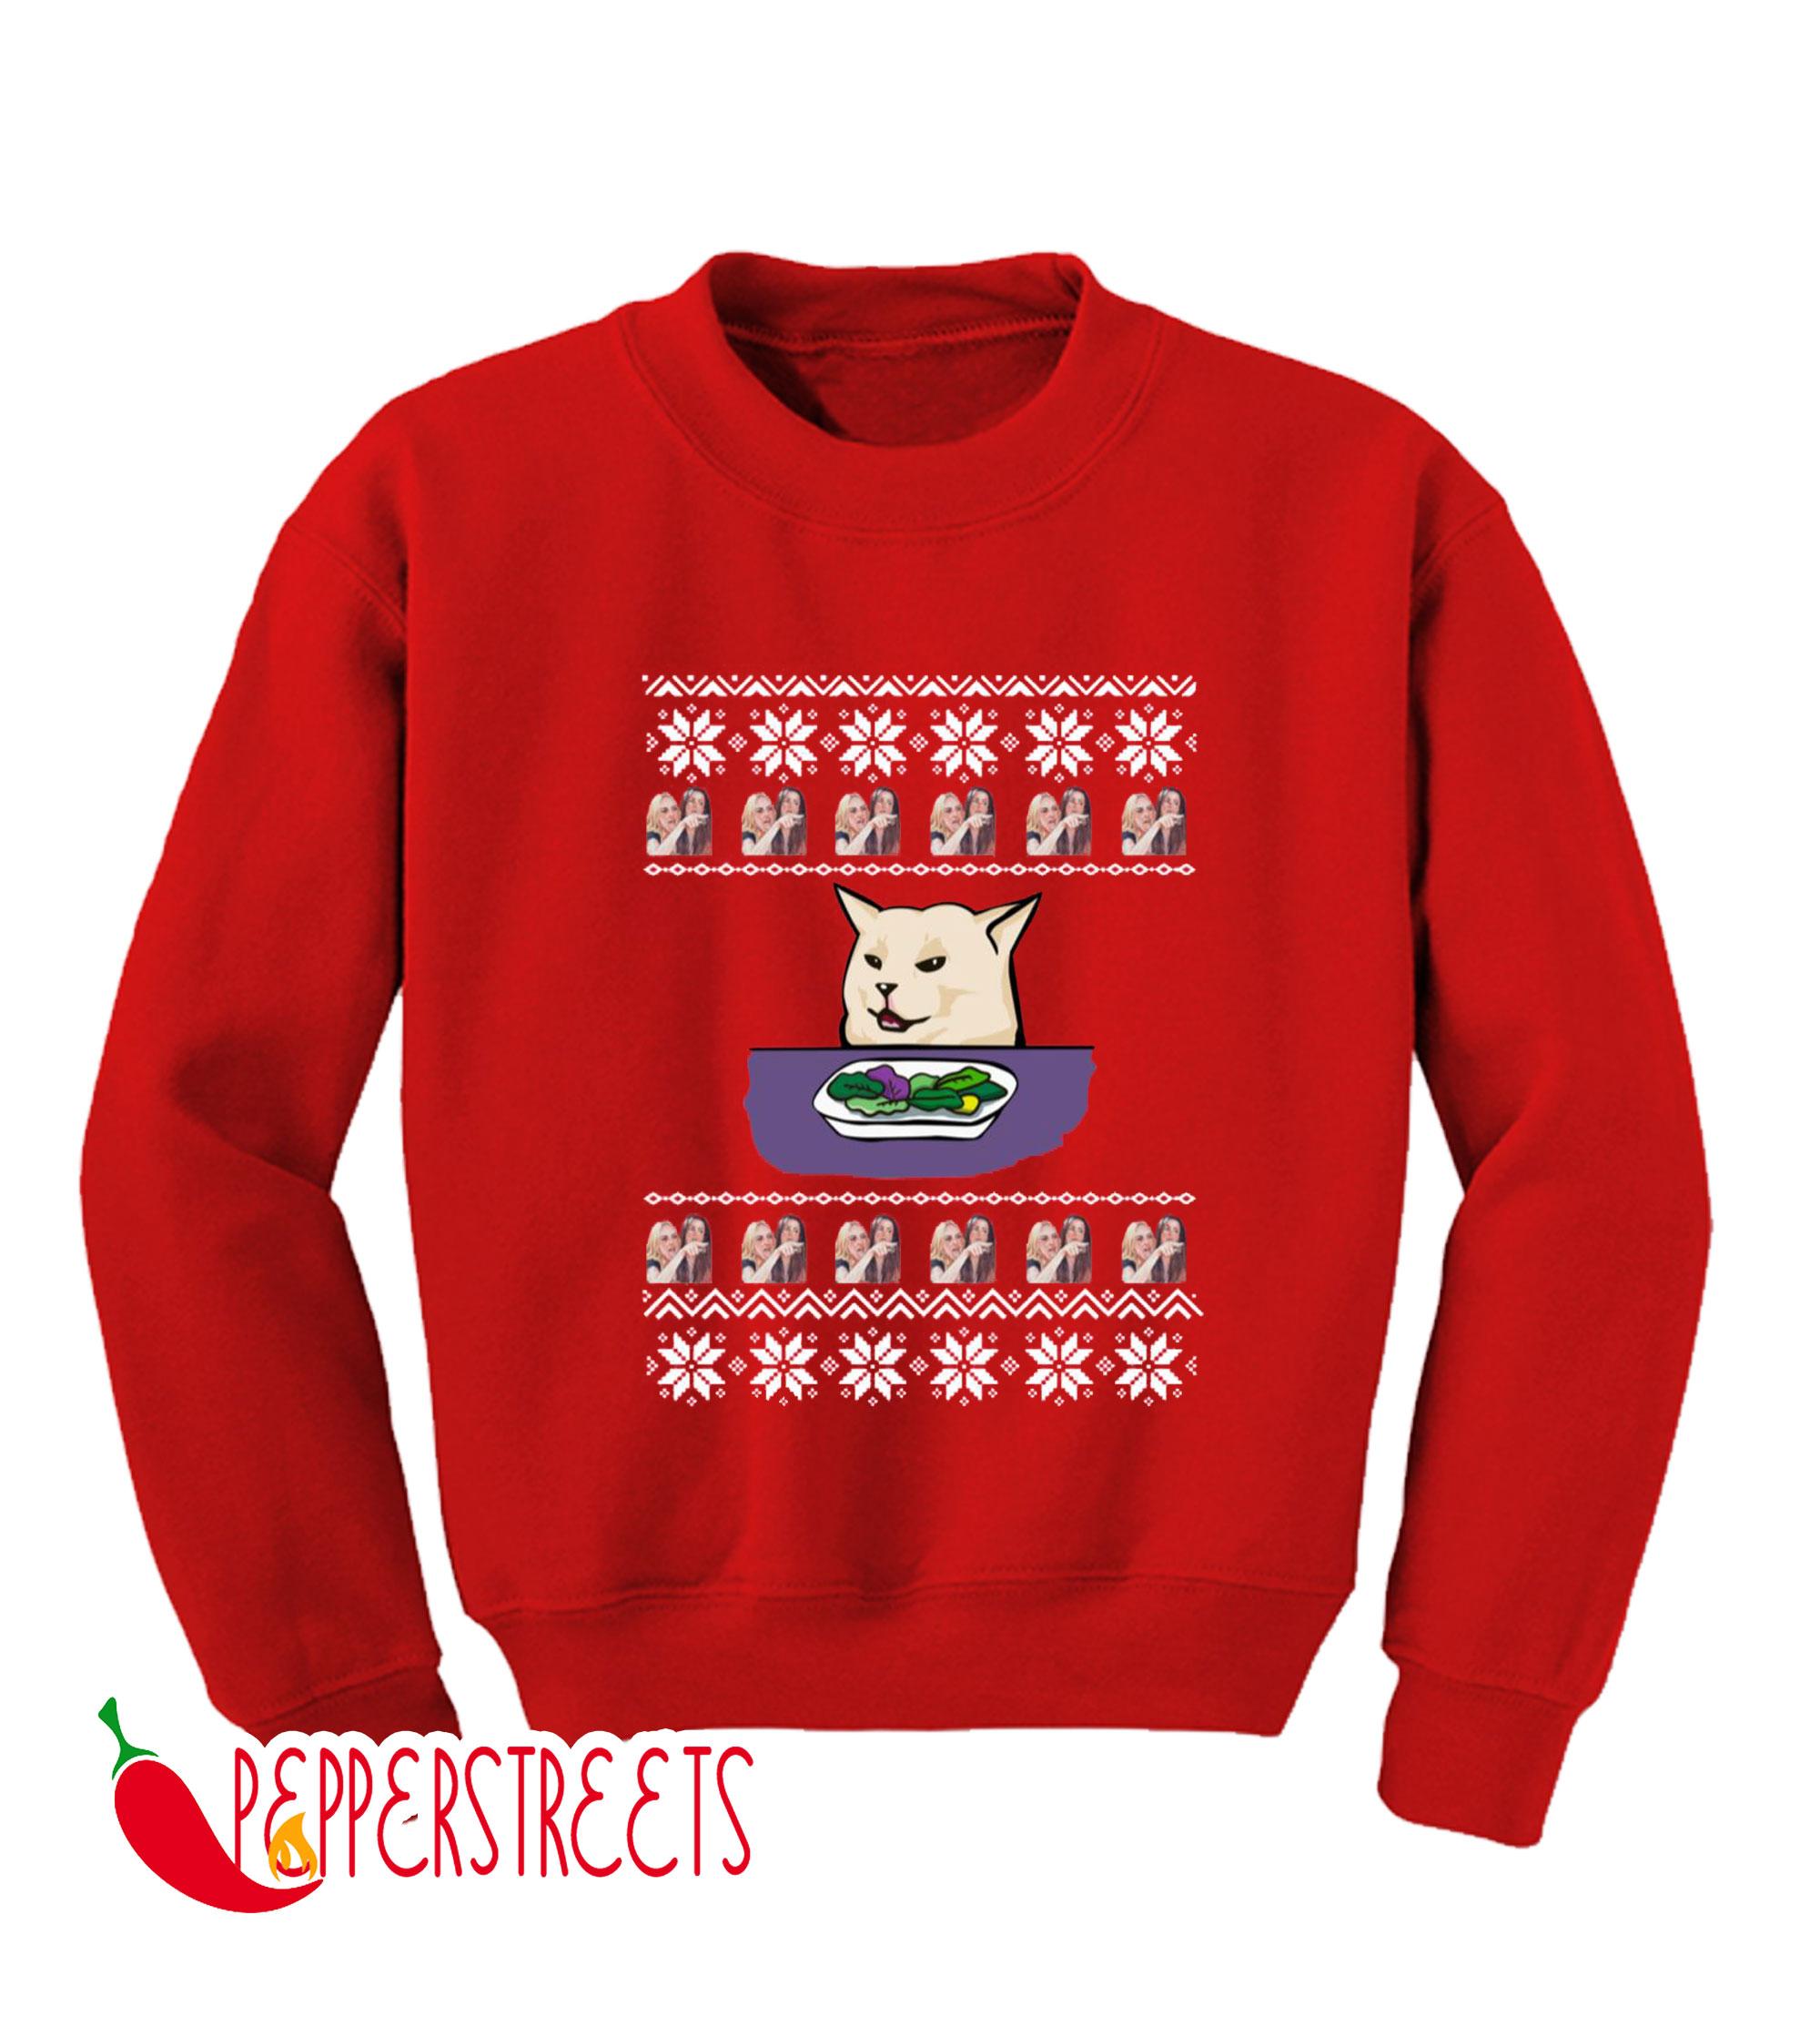 Woman Yelling Cat Meme Merry Cristsmash Sweatshirt